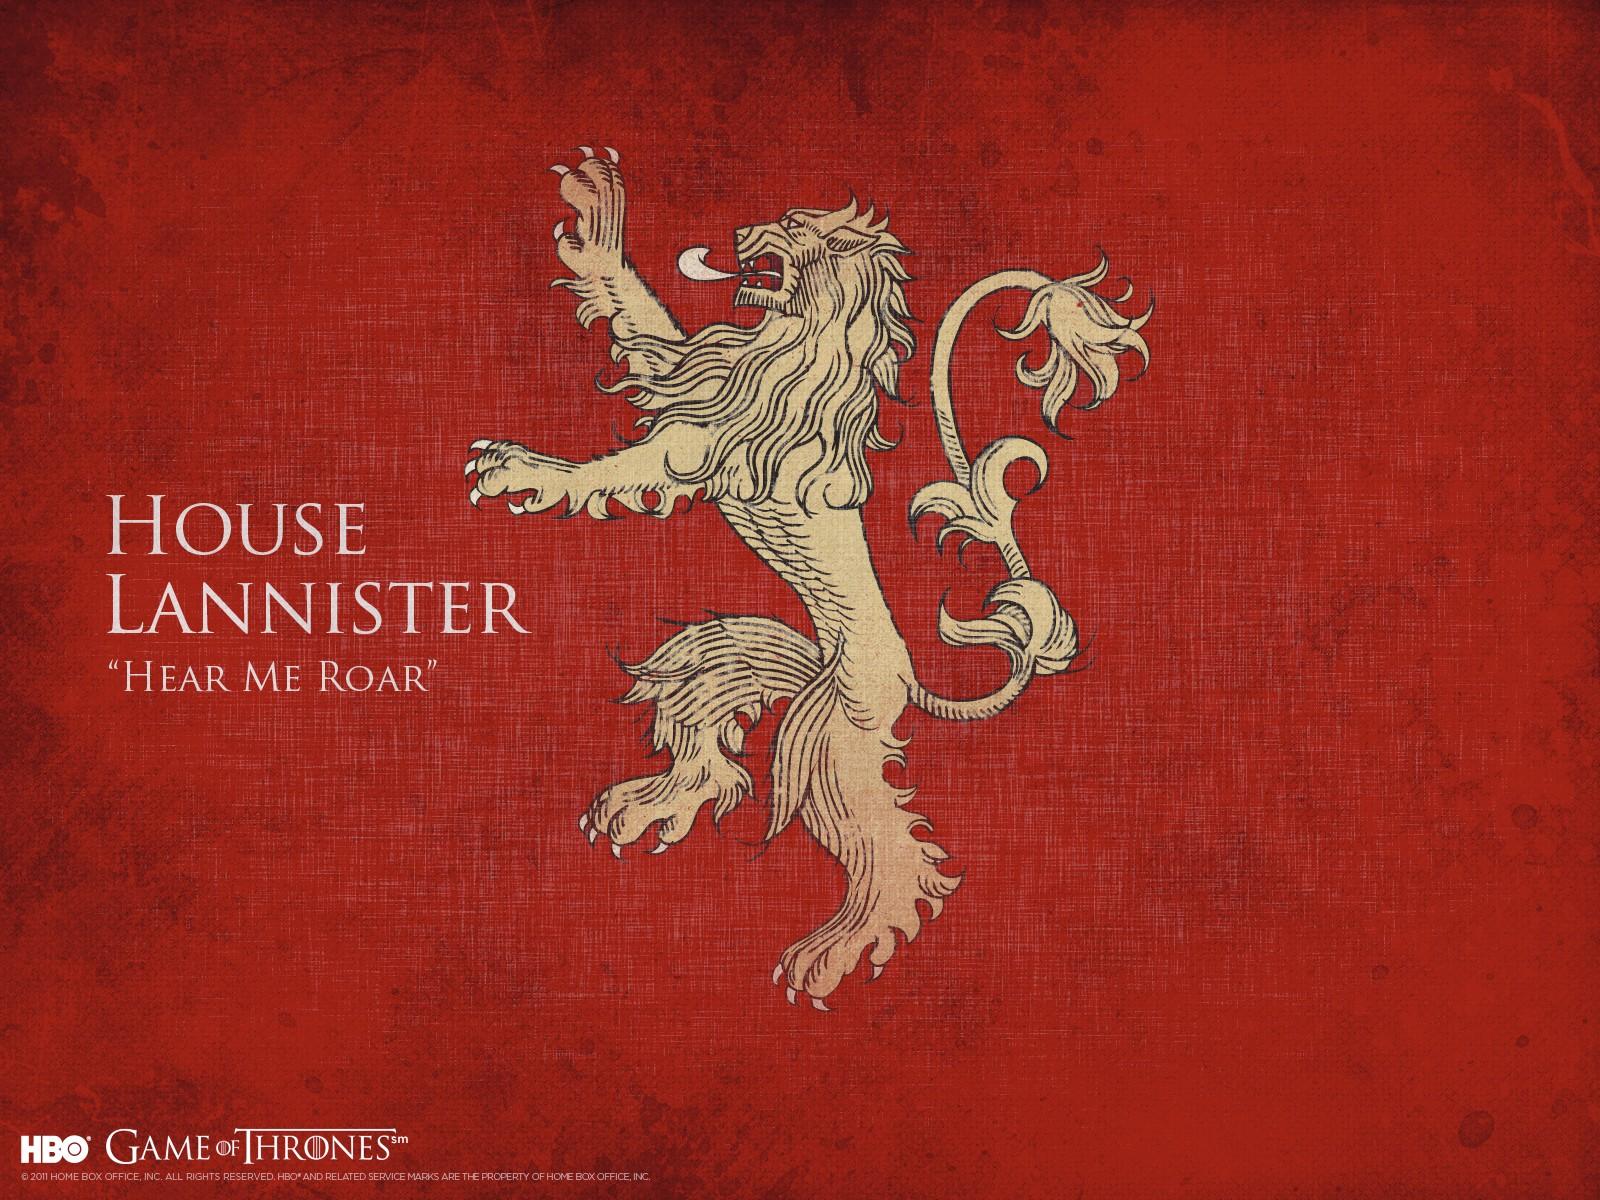 http://4.bp.blogspot.com/-zXQ4UzHc8Dw/TuaThwmnxII/AAAAAAAAIbw/MdTaHZvTmVk/s1600/Game-of-Thrones-House+Lannister+Wallpaper+TV+Series+1600x1200.jpg